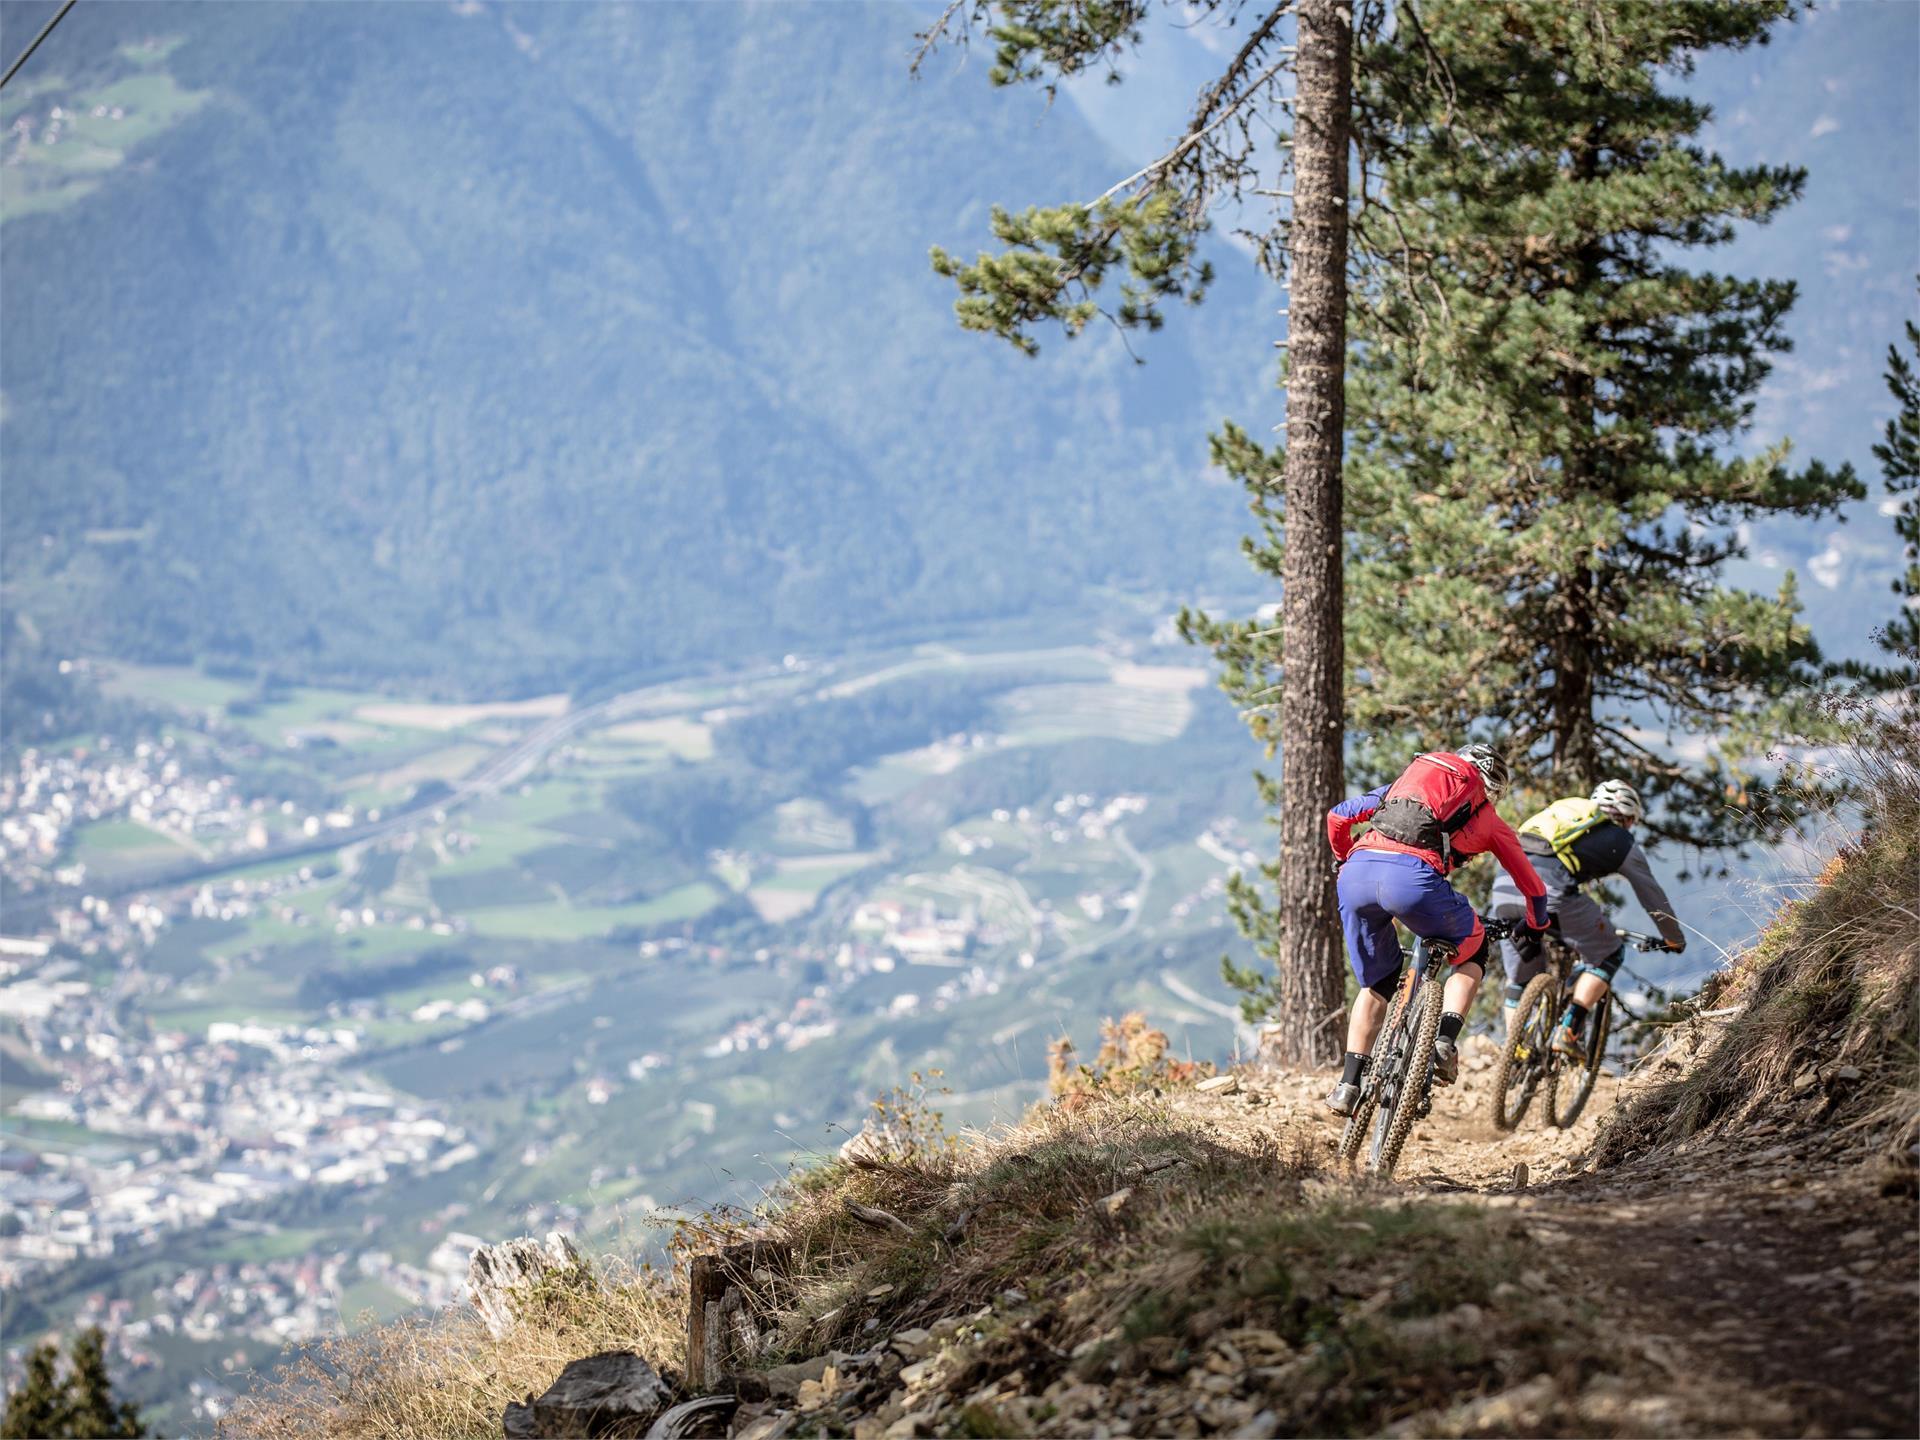 Brixen Bikepark: Sky Line